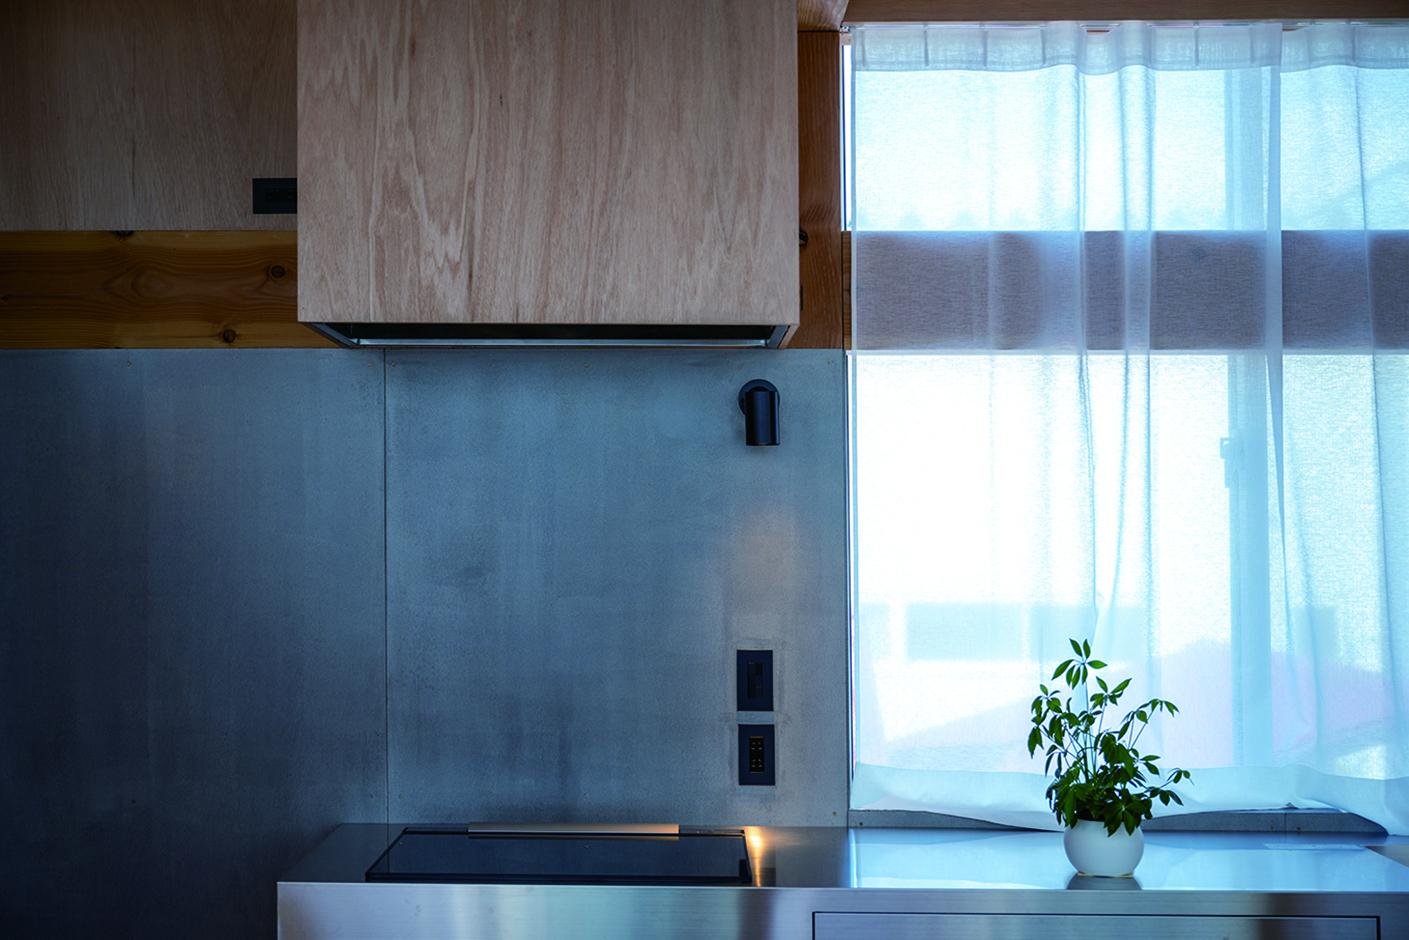 建杜 KENT(大栄工業)【デザイン住宅、狭小住宅、建築家】建物の雰囲気に溶け込むよう造作されたキッチンカウンター